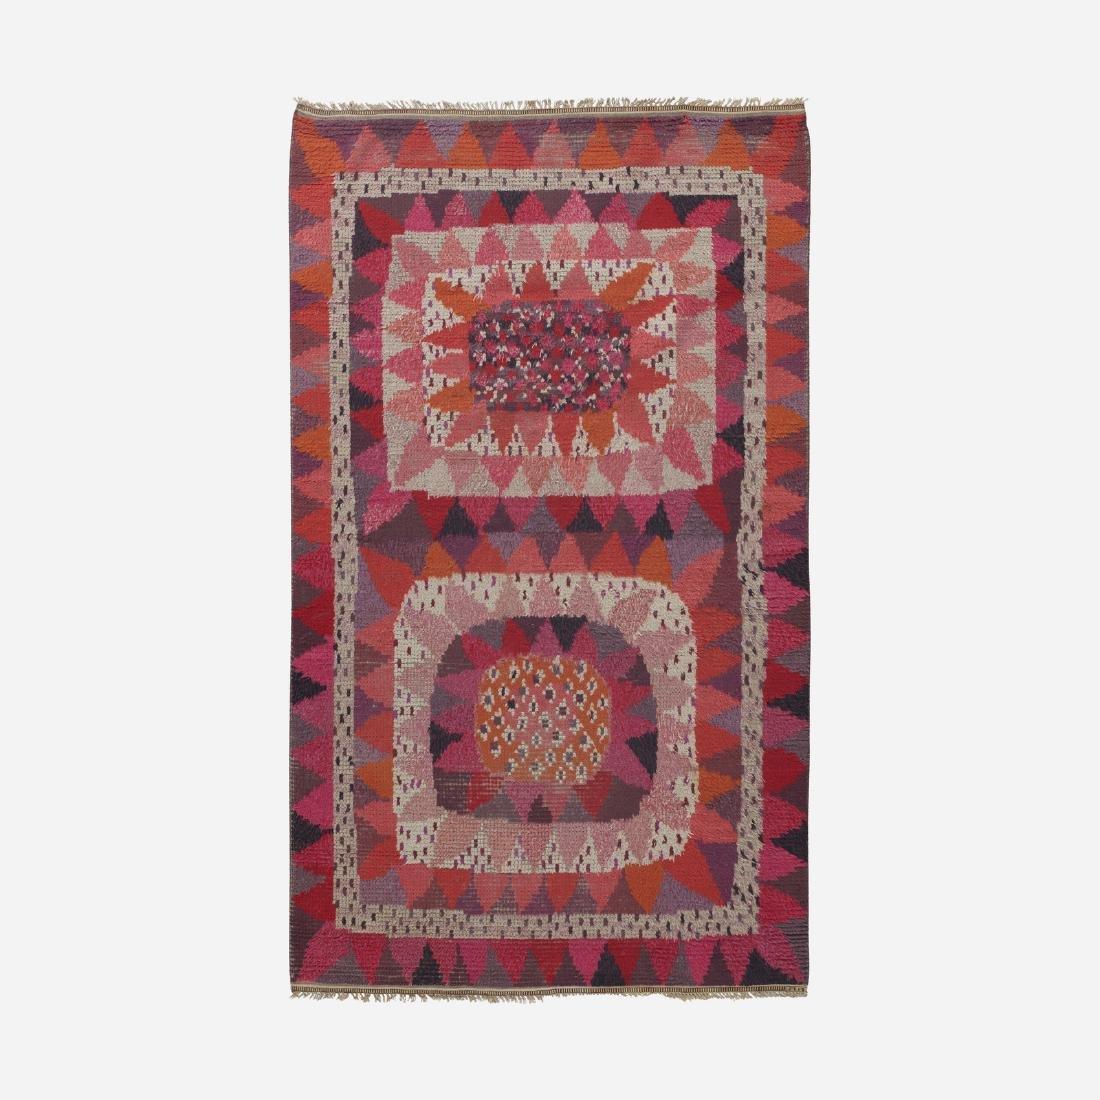 Marianne Richter, Solrosen rya carpet